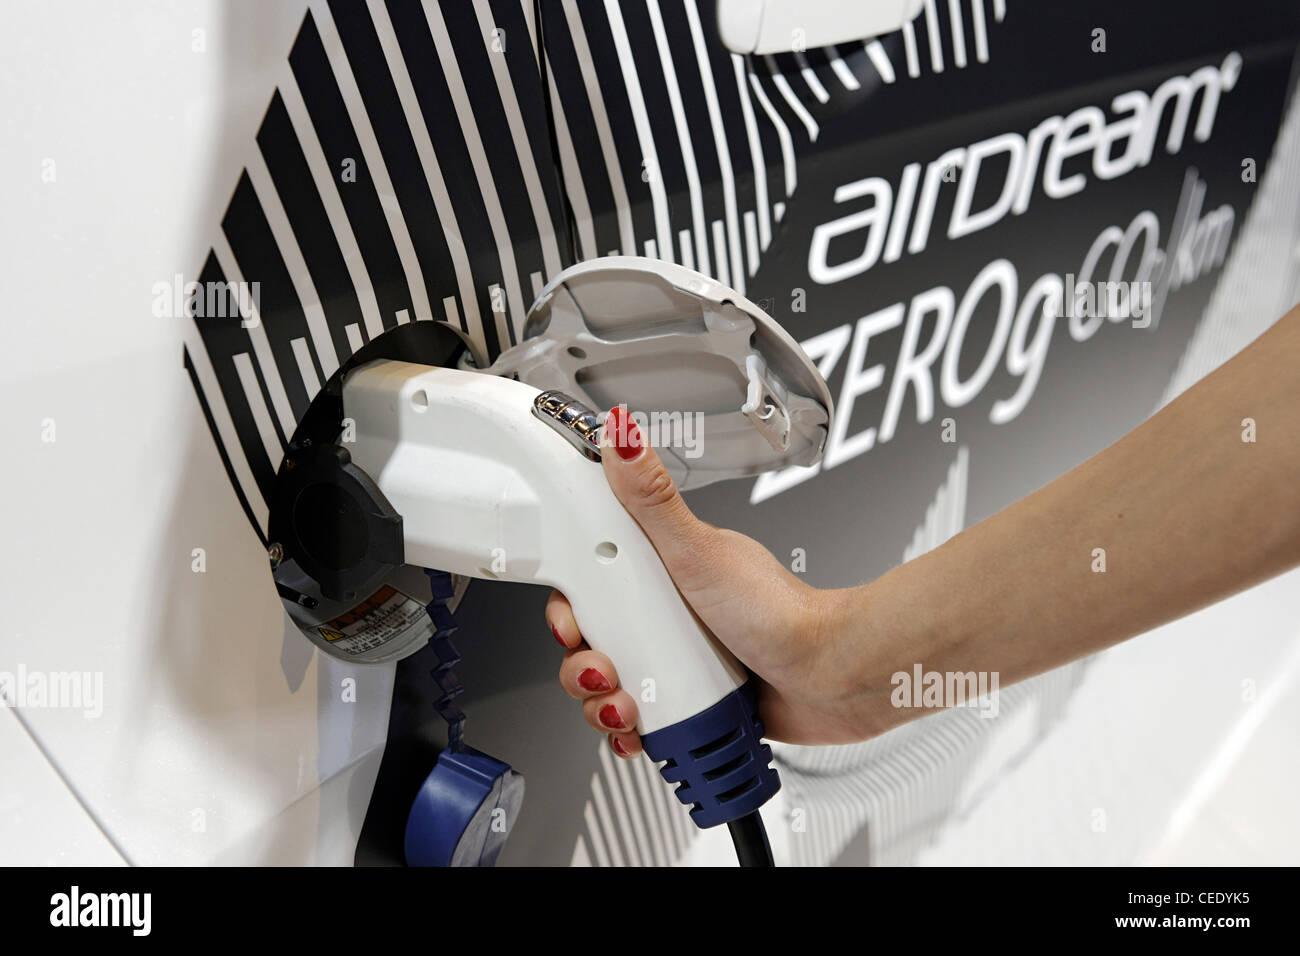 Donna di carichi elettrici auto con energia elettrica, veicoli elettrici auto elettrica, Amburgo, Germania, Europa Immagini Stock